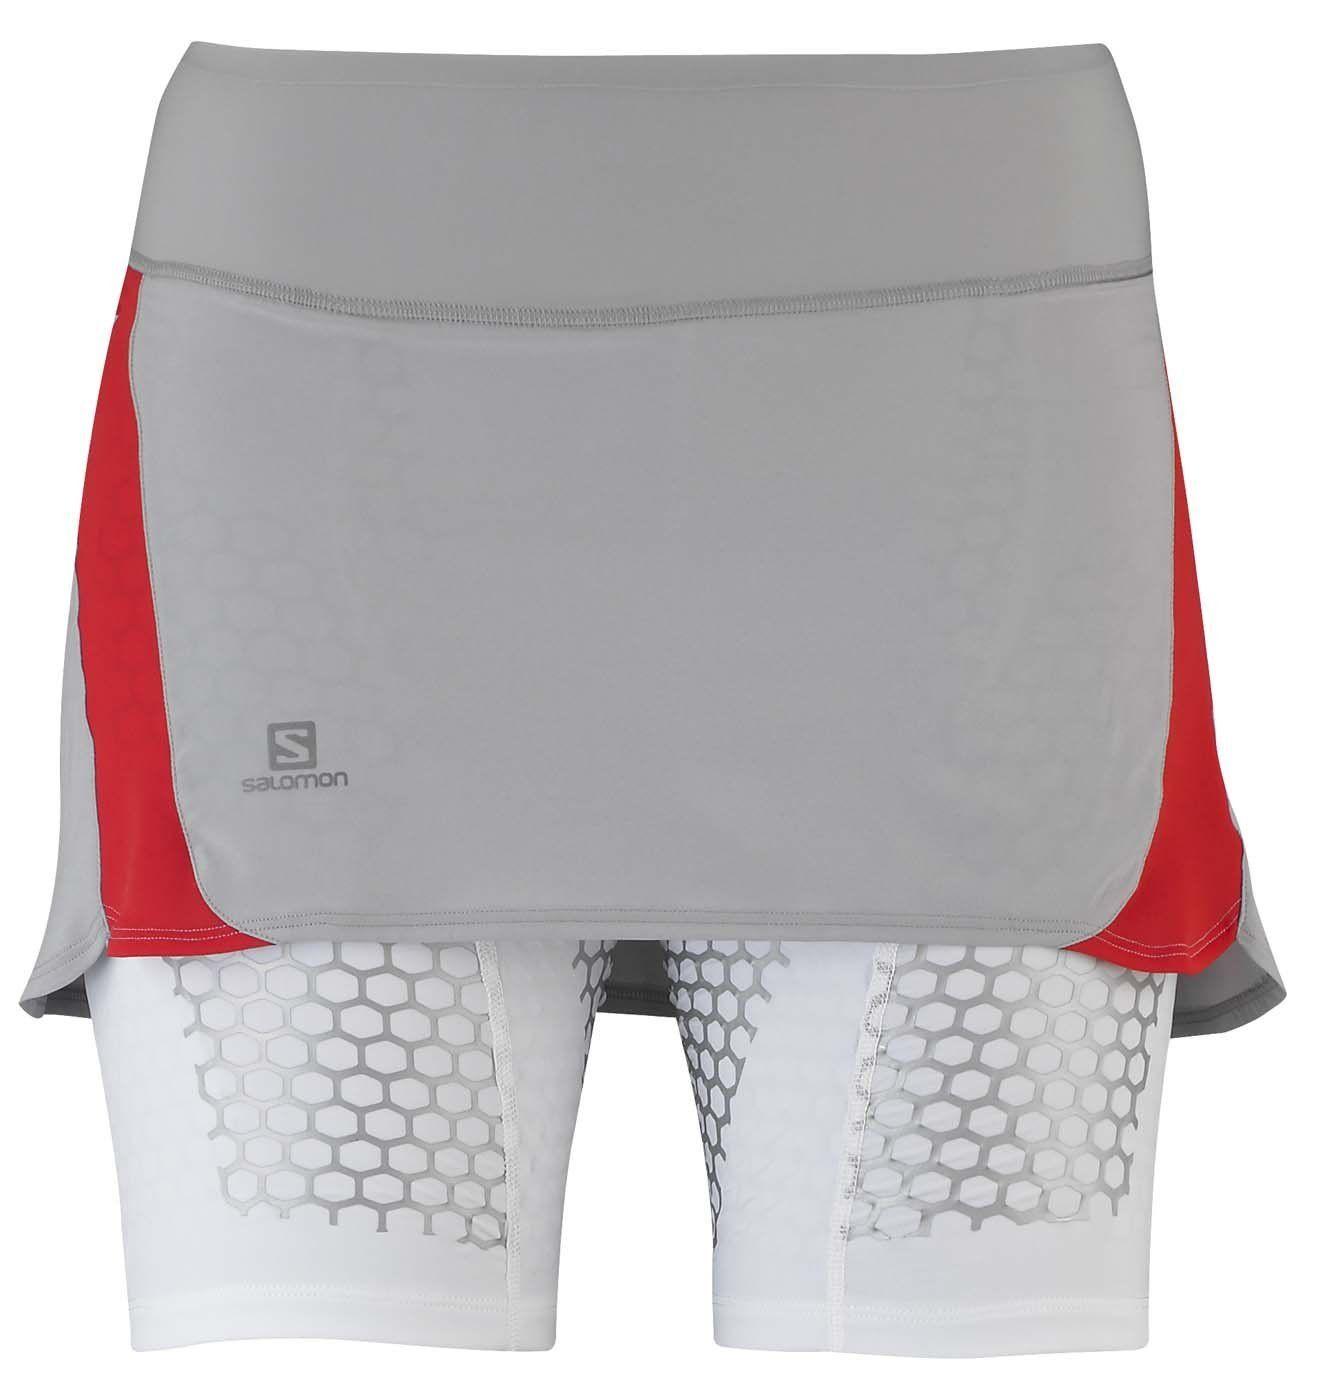 fb3499f22cd5f Salomon Womens Exo S-Lab Twinskin Skort   Clothes I Like   Trail ...